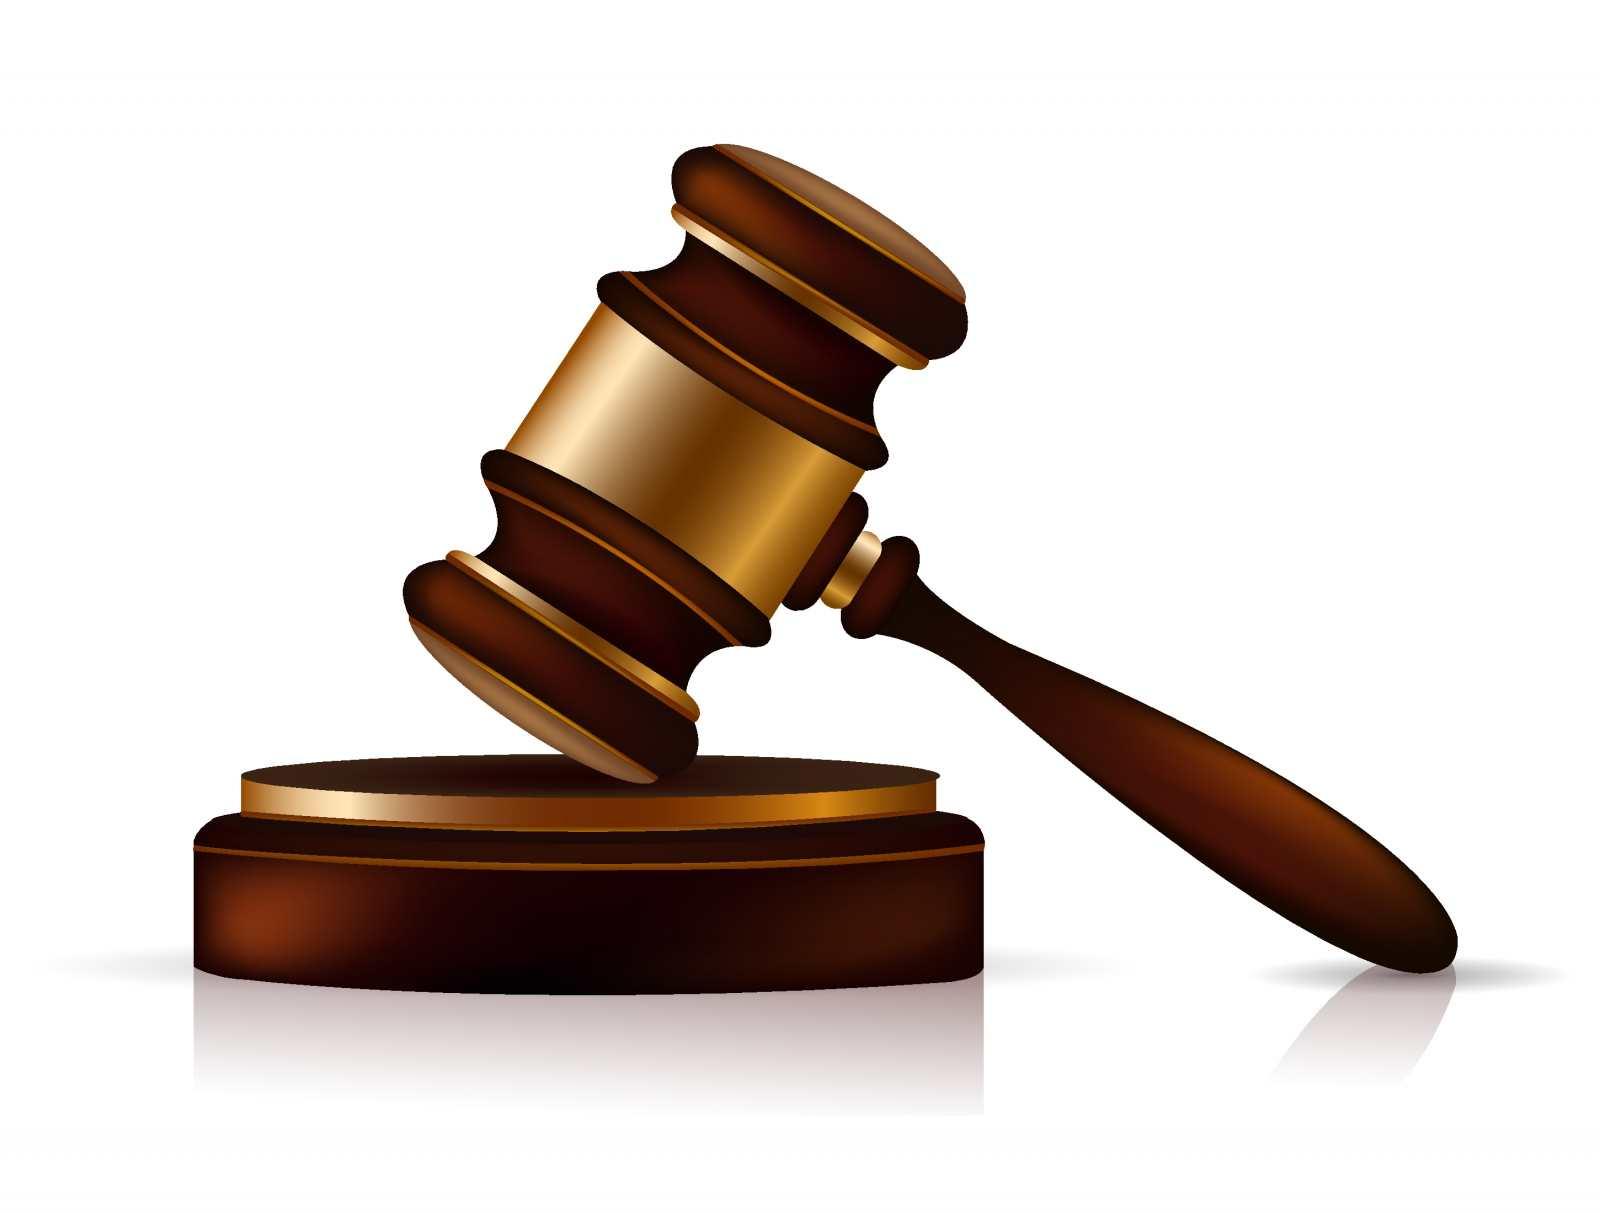 По кодексу: закон, право